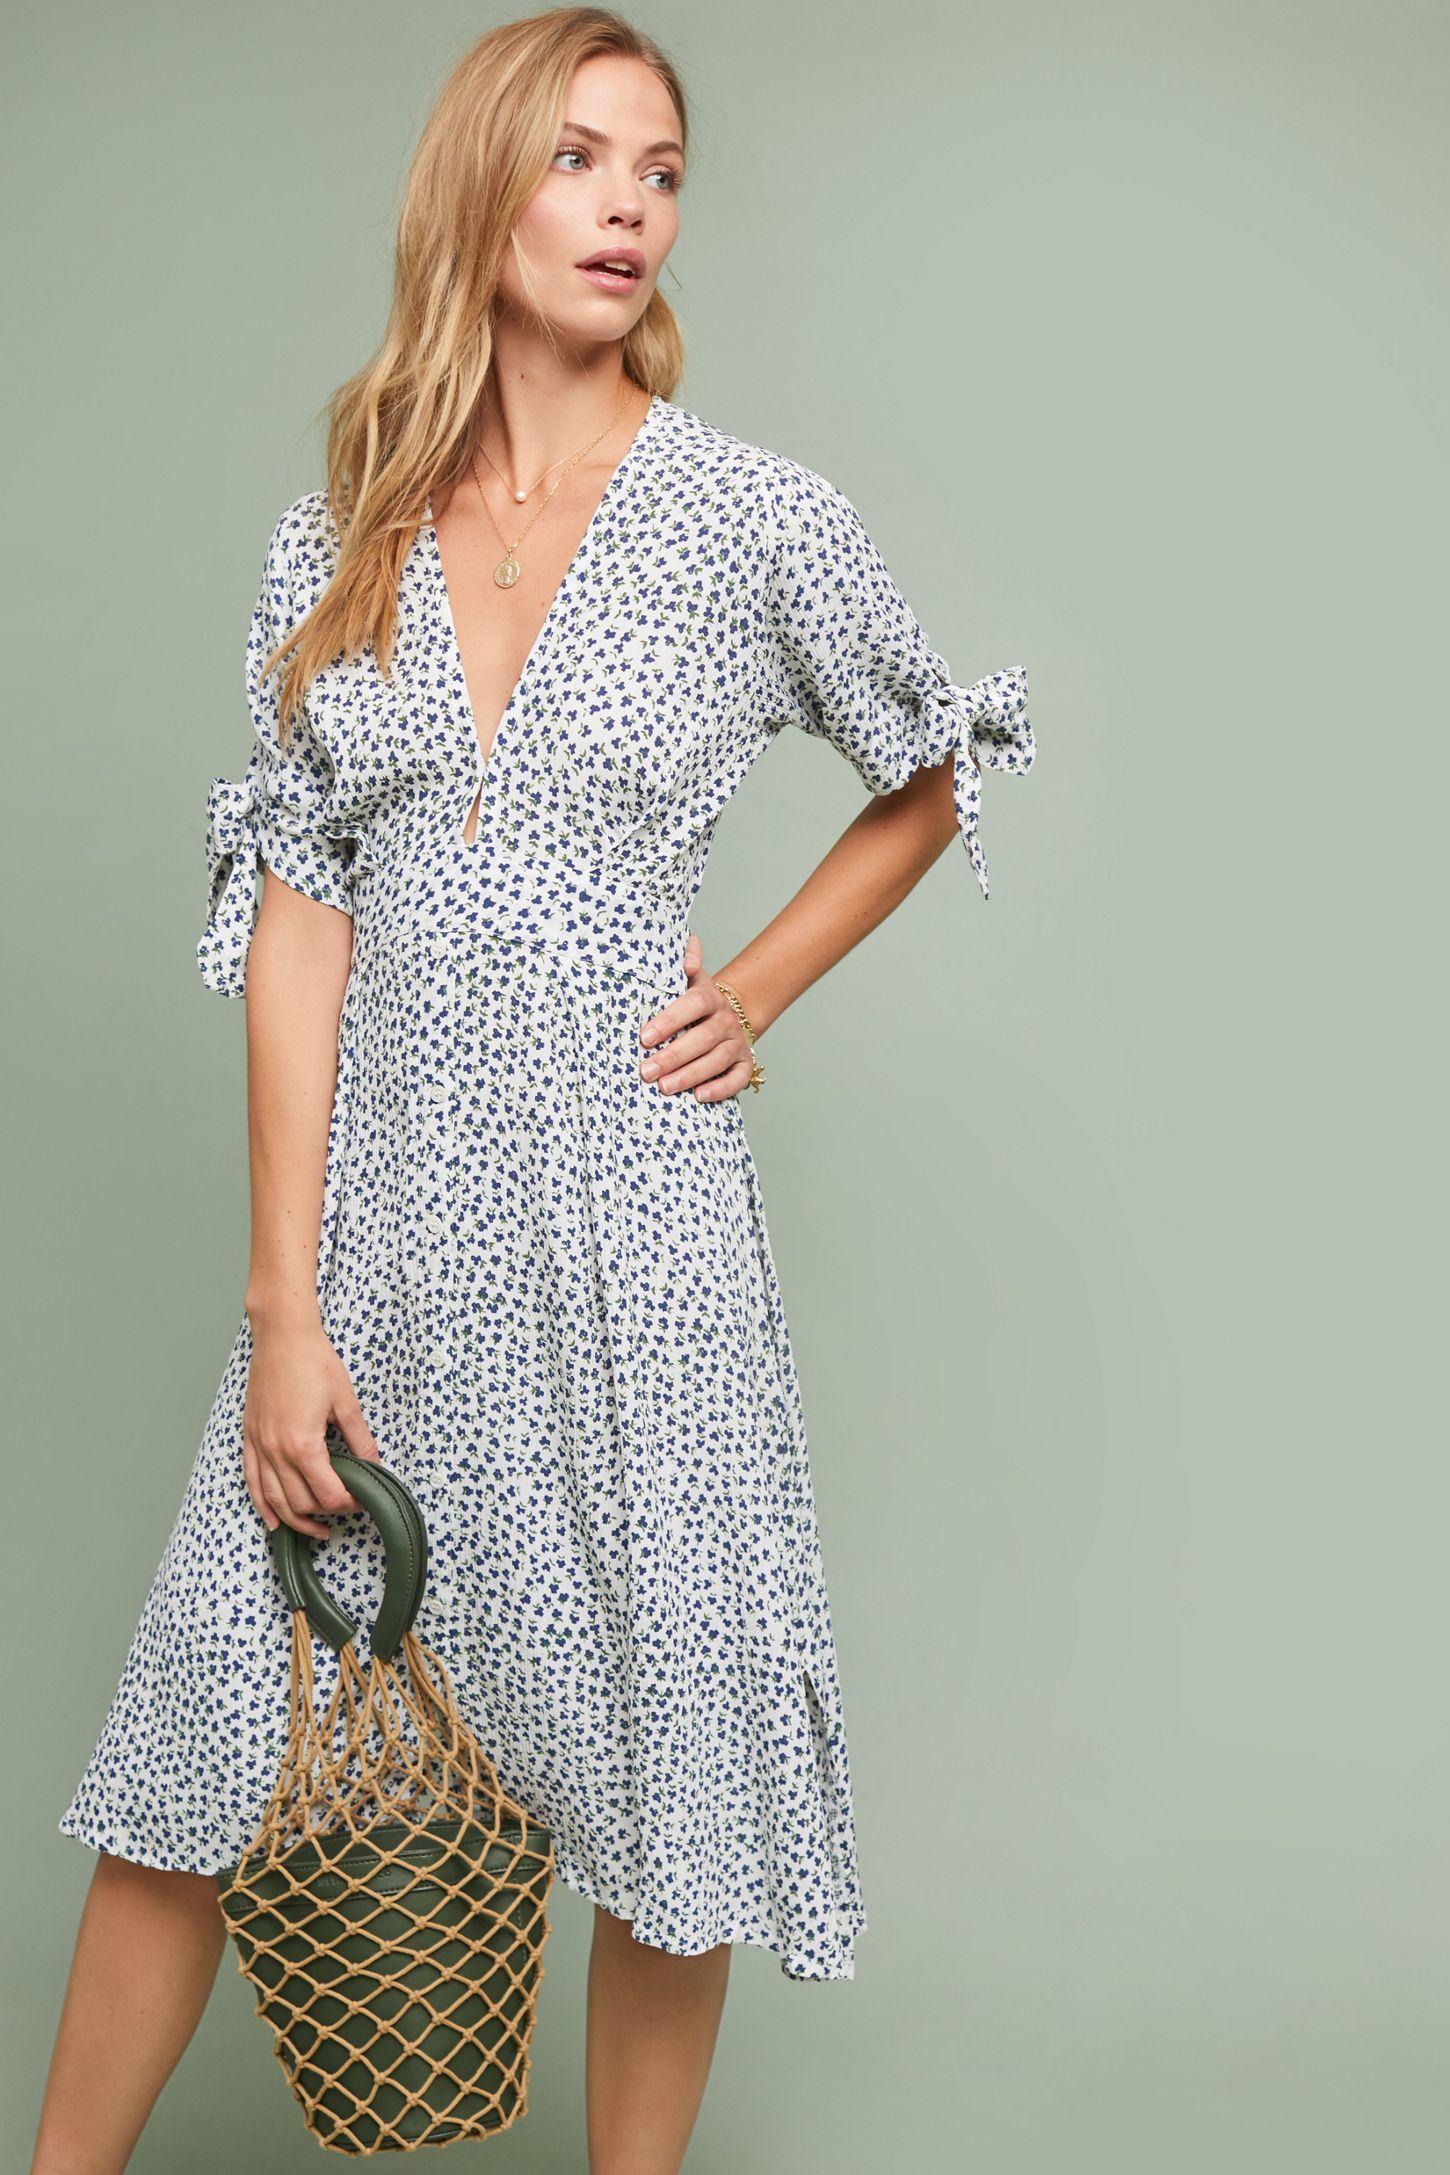 6c0a8bd52e26a Faithfull Rae Floral Dress